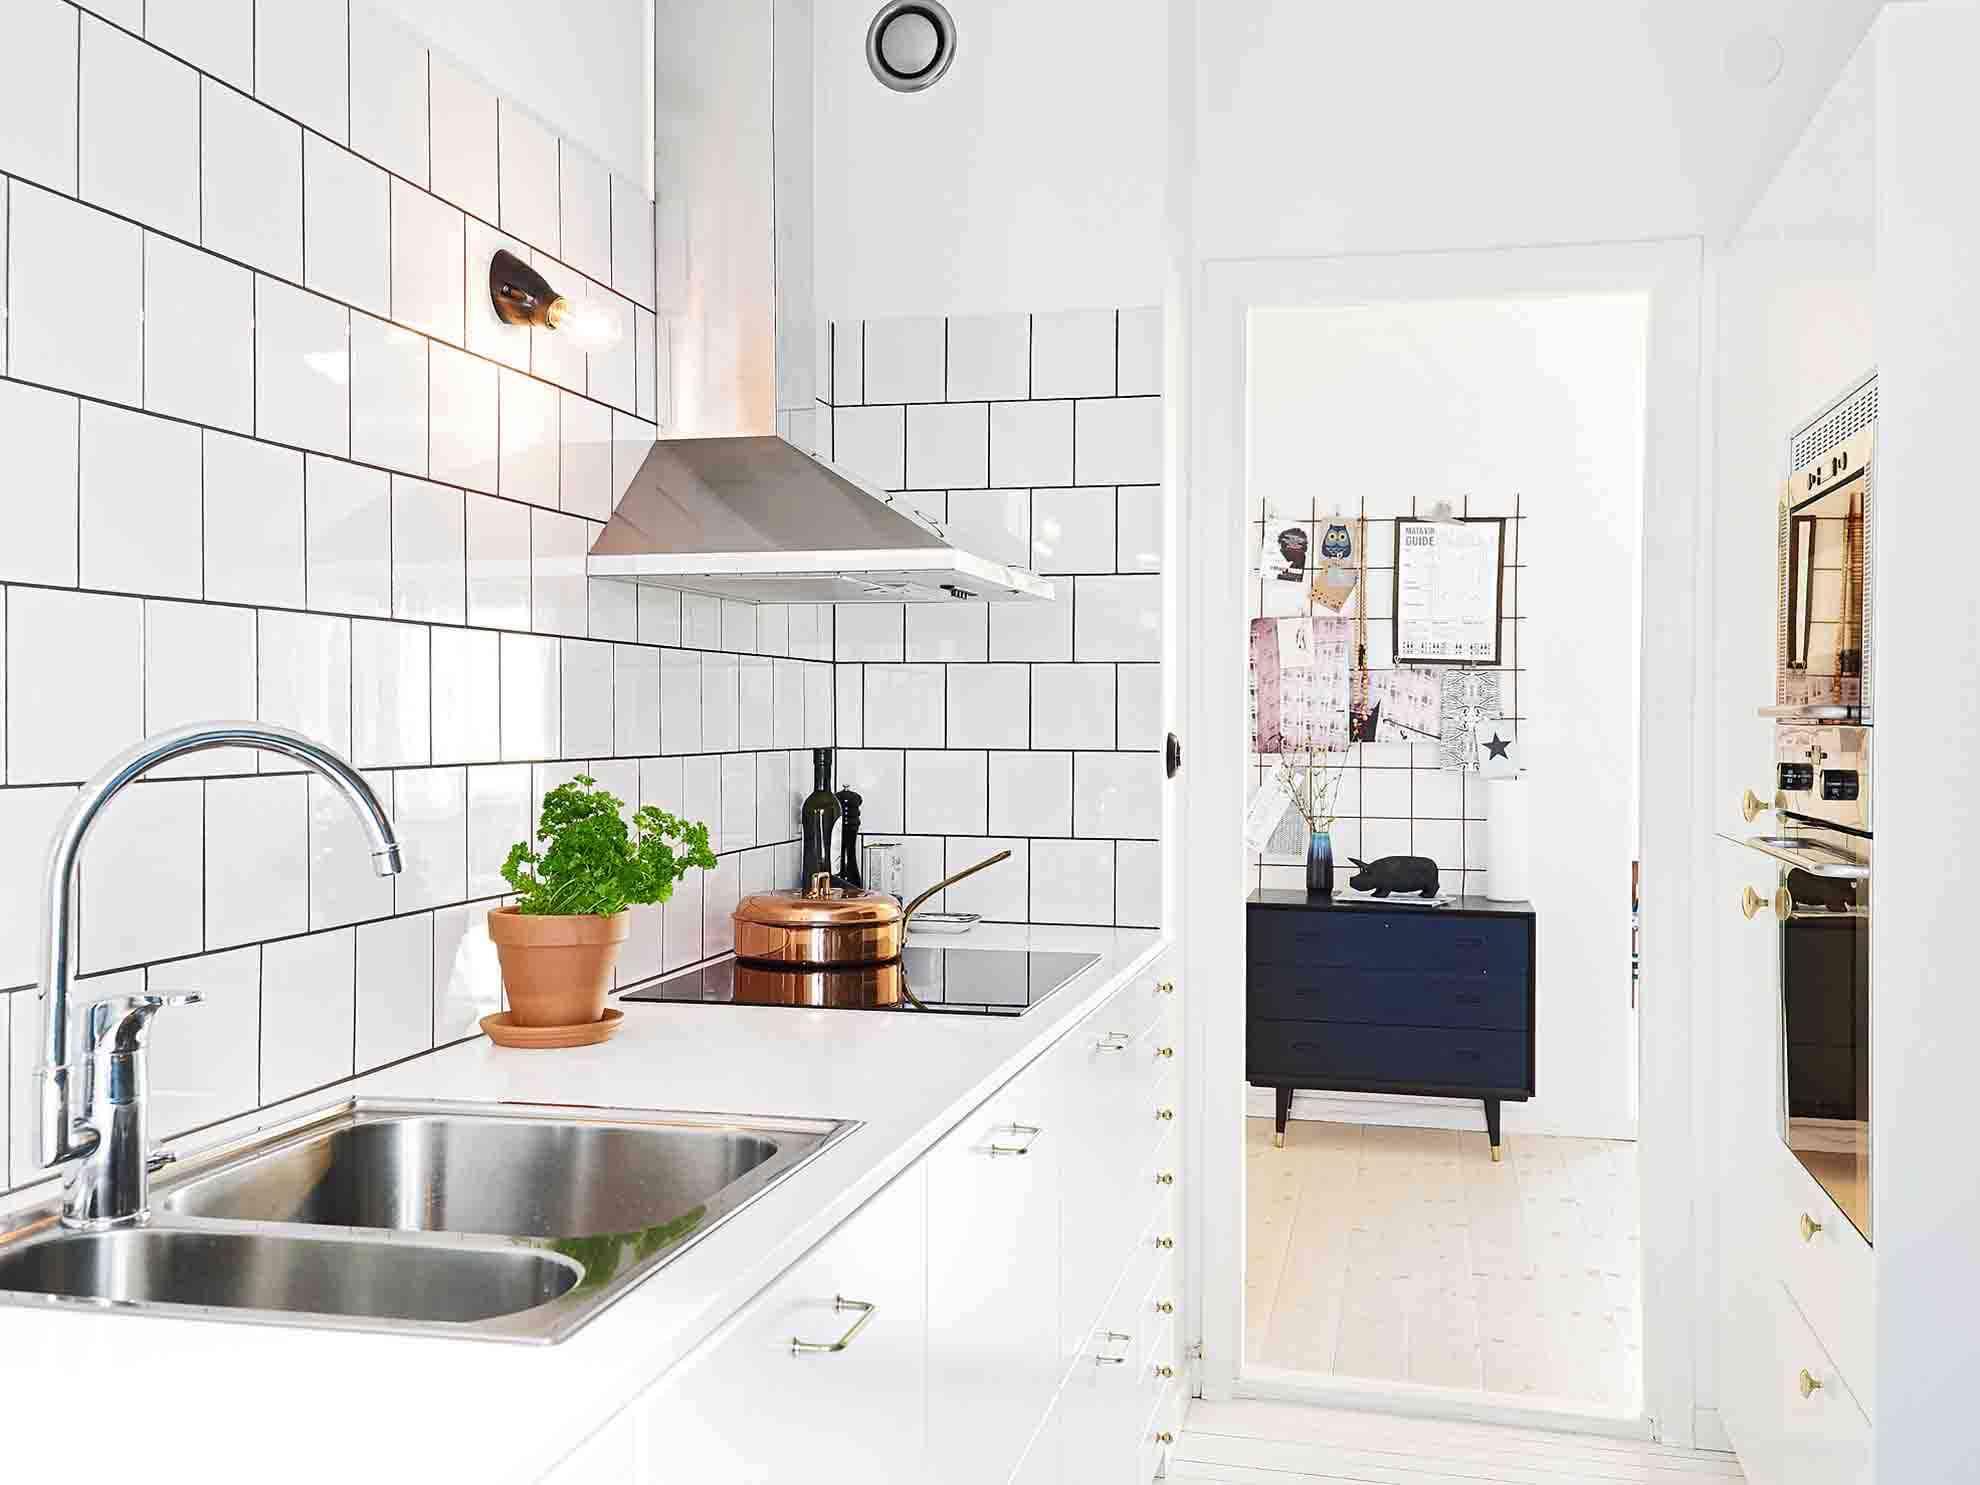 Bonito Trucos Para Limpiar Azulejos De Cocina Im Genes Azulejos  ~ Limpiar Azulejos Cocina Para Queden Brillantes